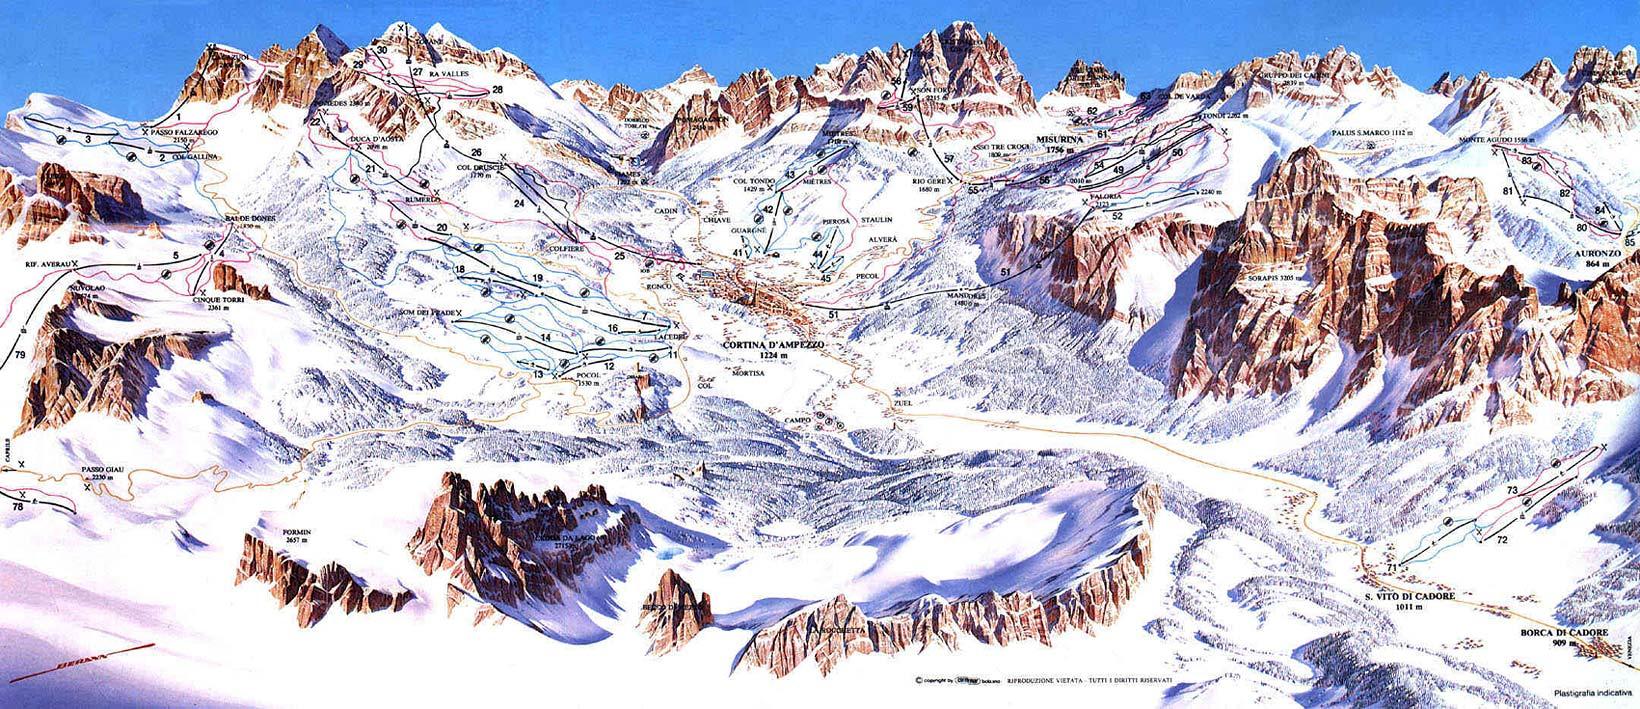 Half Day In Cortina Noleggio Sci Cortina